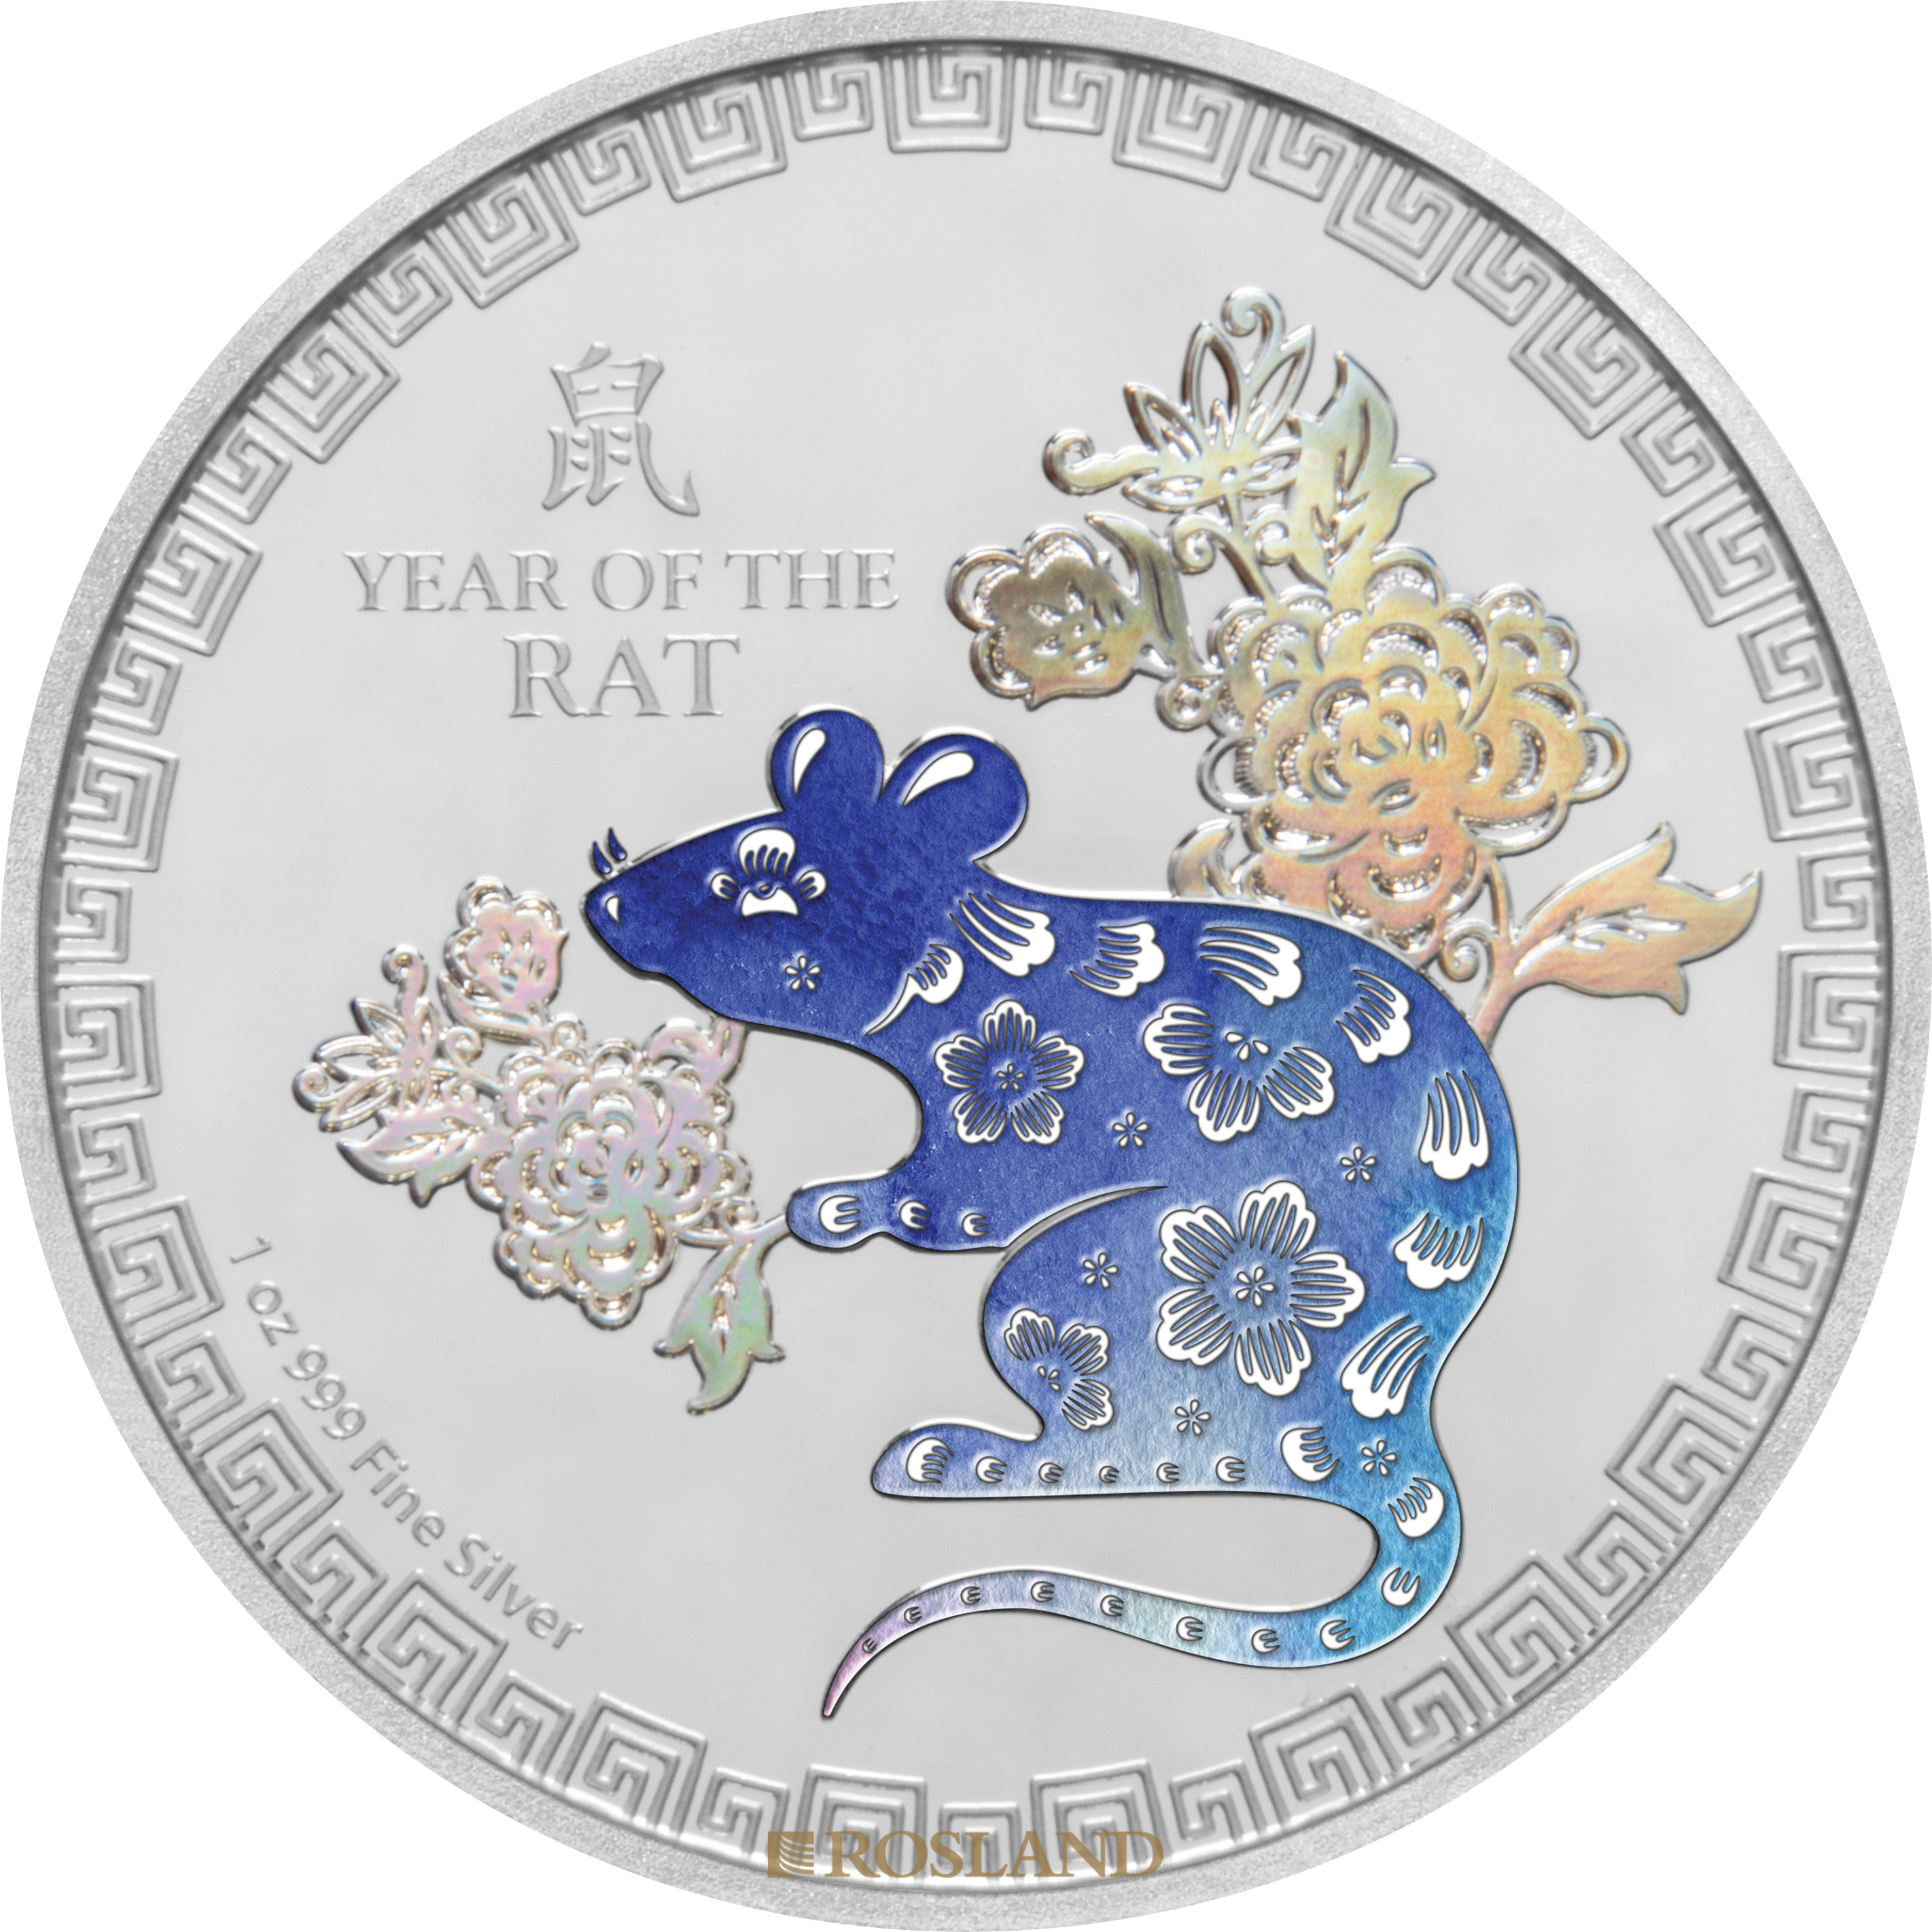 1 Unze Silbermünze Jahr der Ratte 2020 PP (Koloriert, Box, Zertifikat)